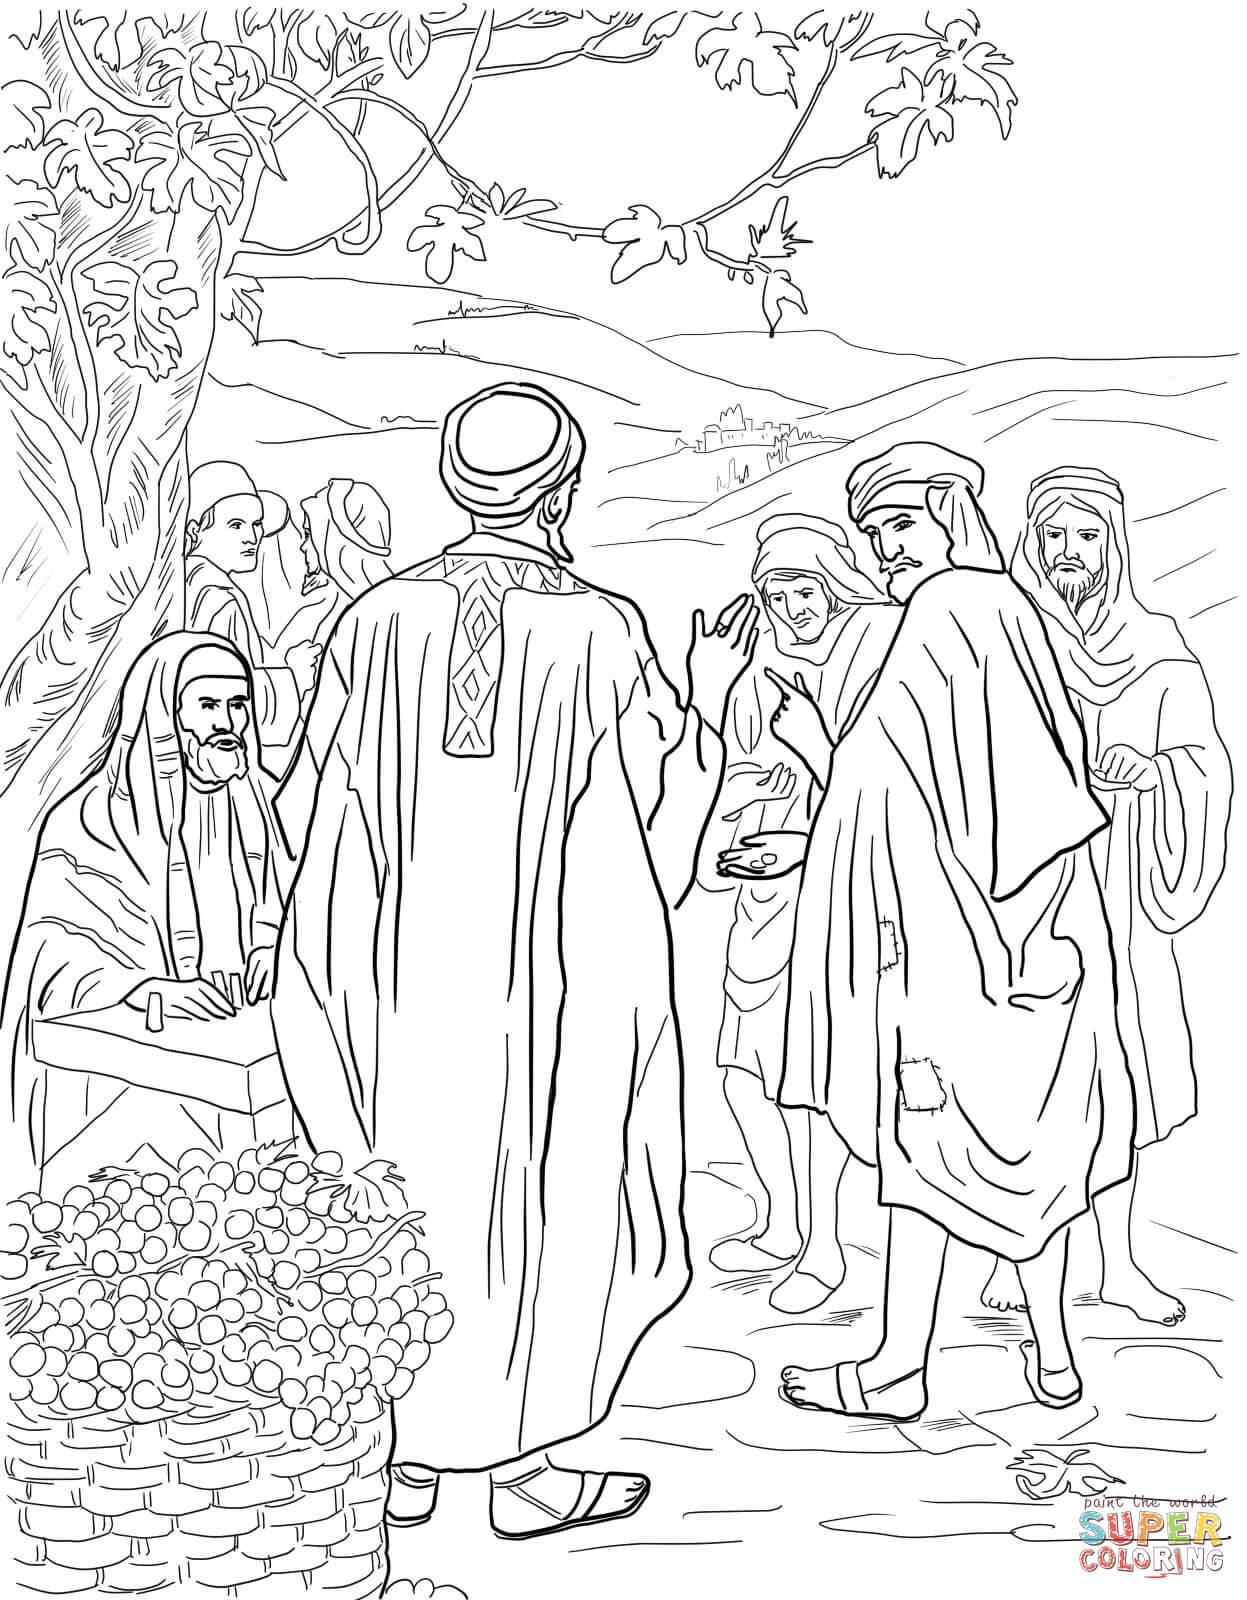 Dibujo de Parábola de los Trabajadores de la Viña para